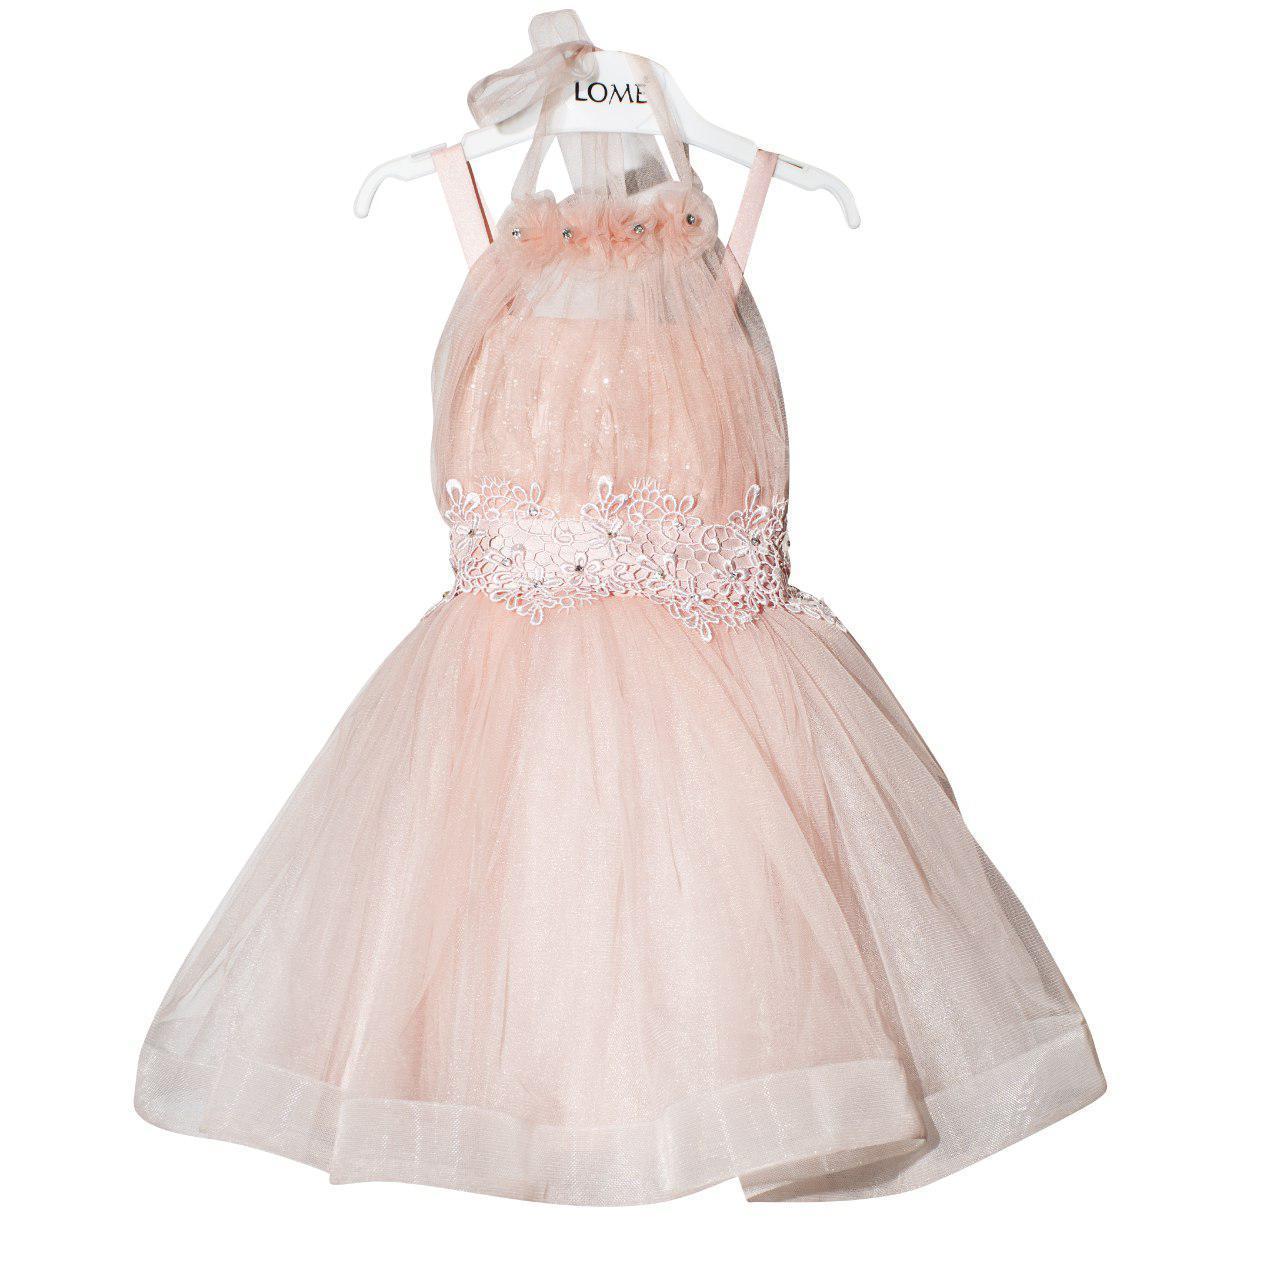 Плаття нарядне з фатином, 3 роки